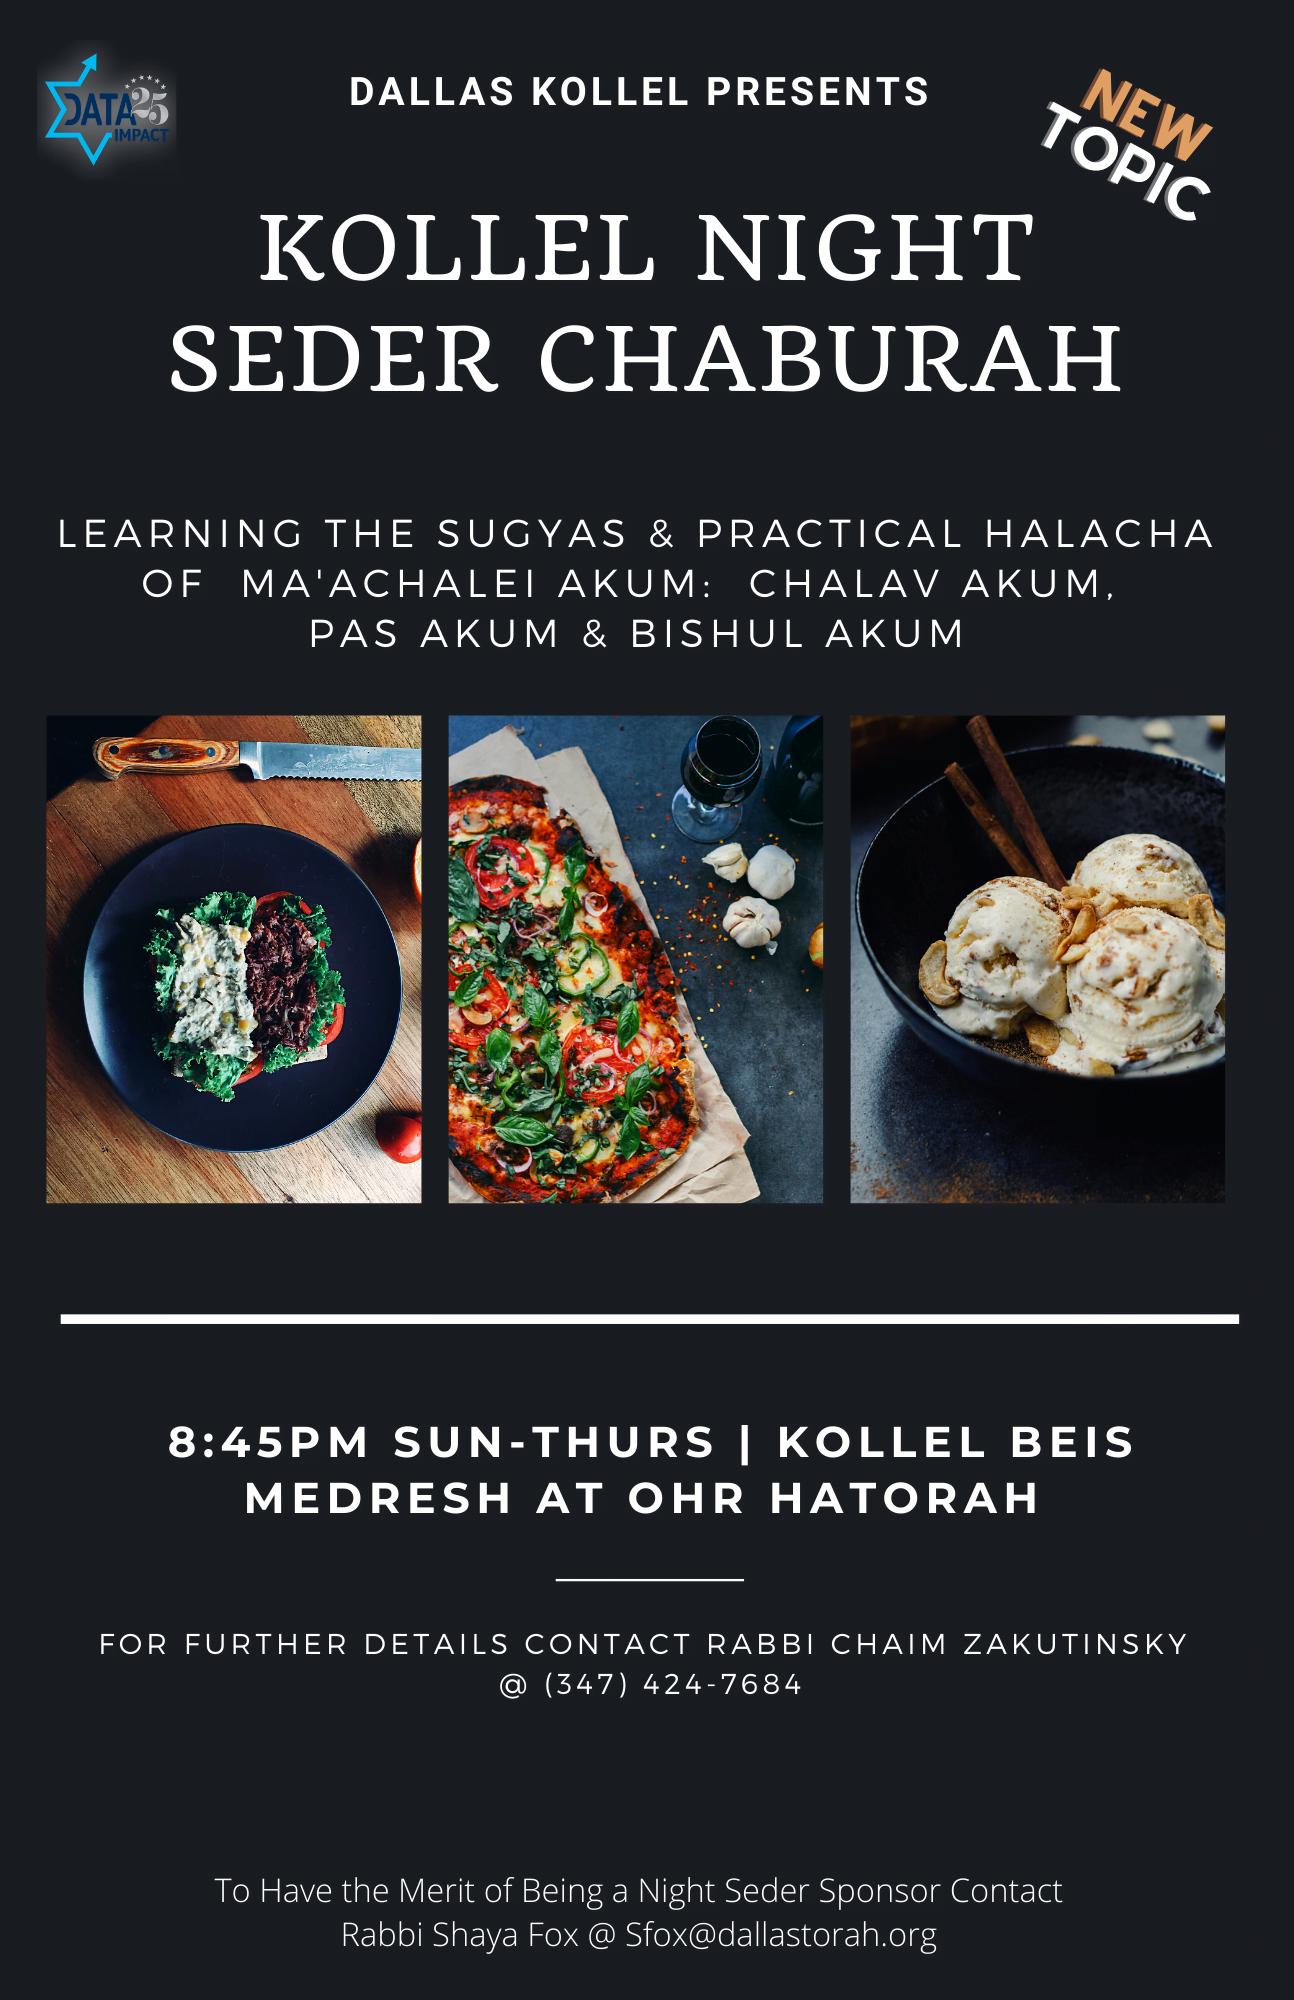 Kollel Night Seder Chaburah 1